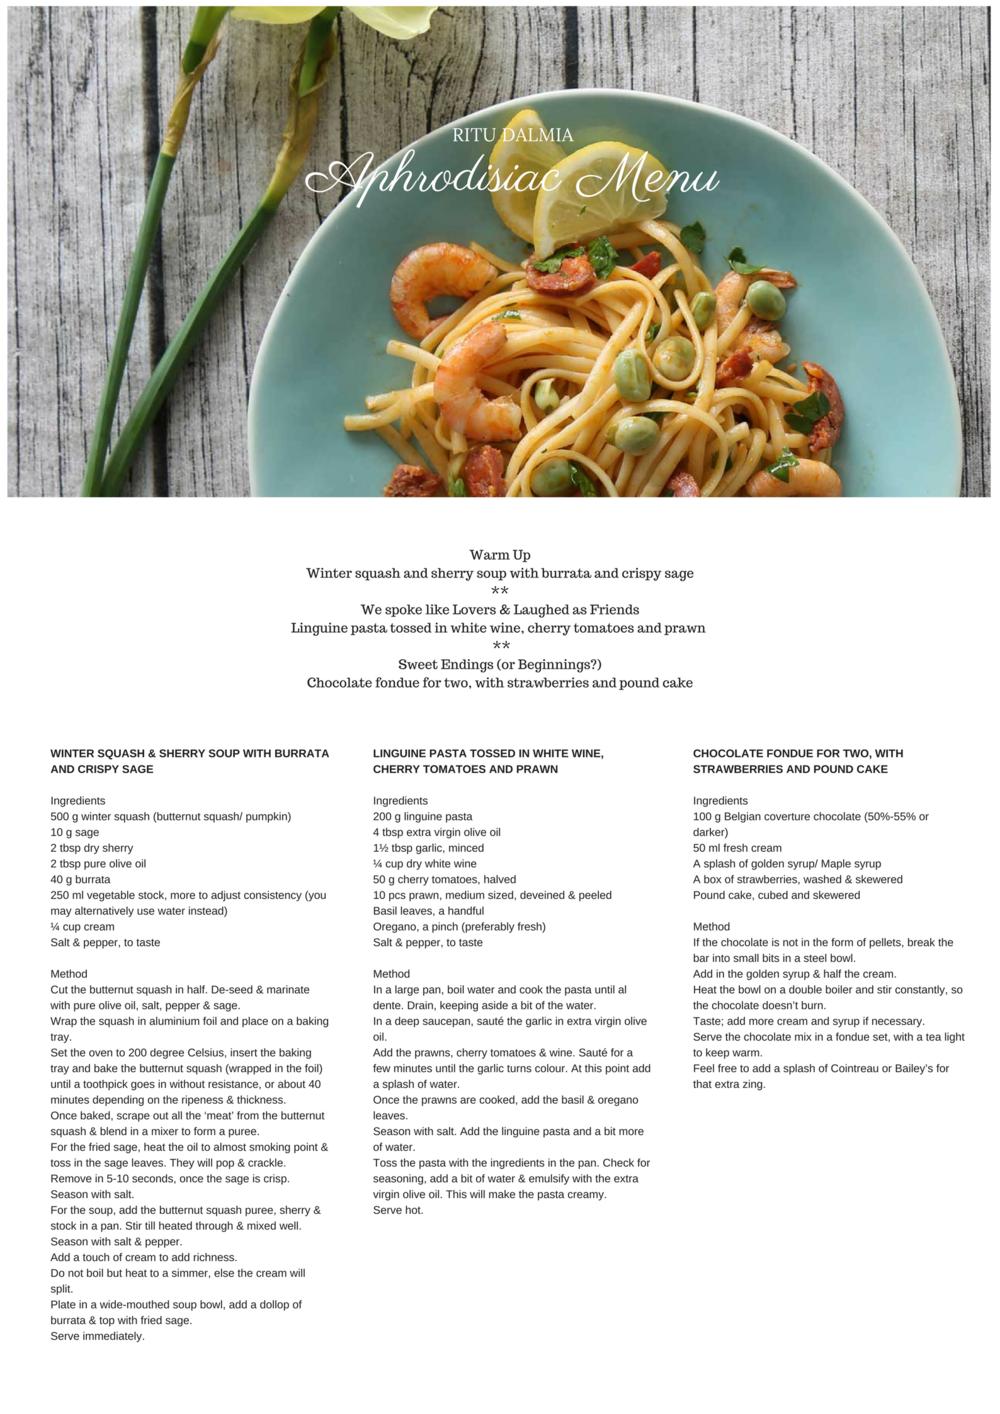 Valentine's Day menu by Ritu Dalmia